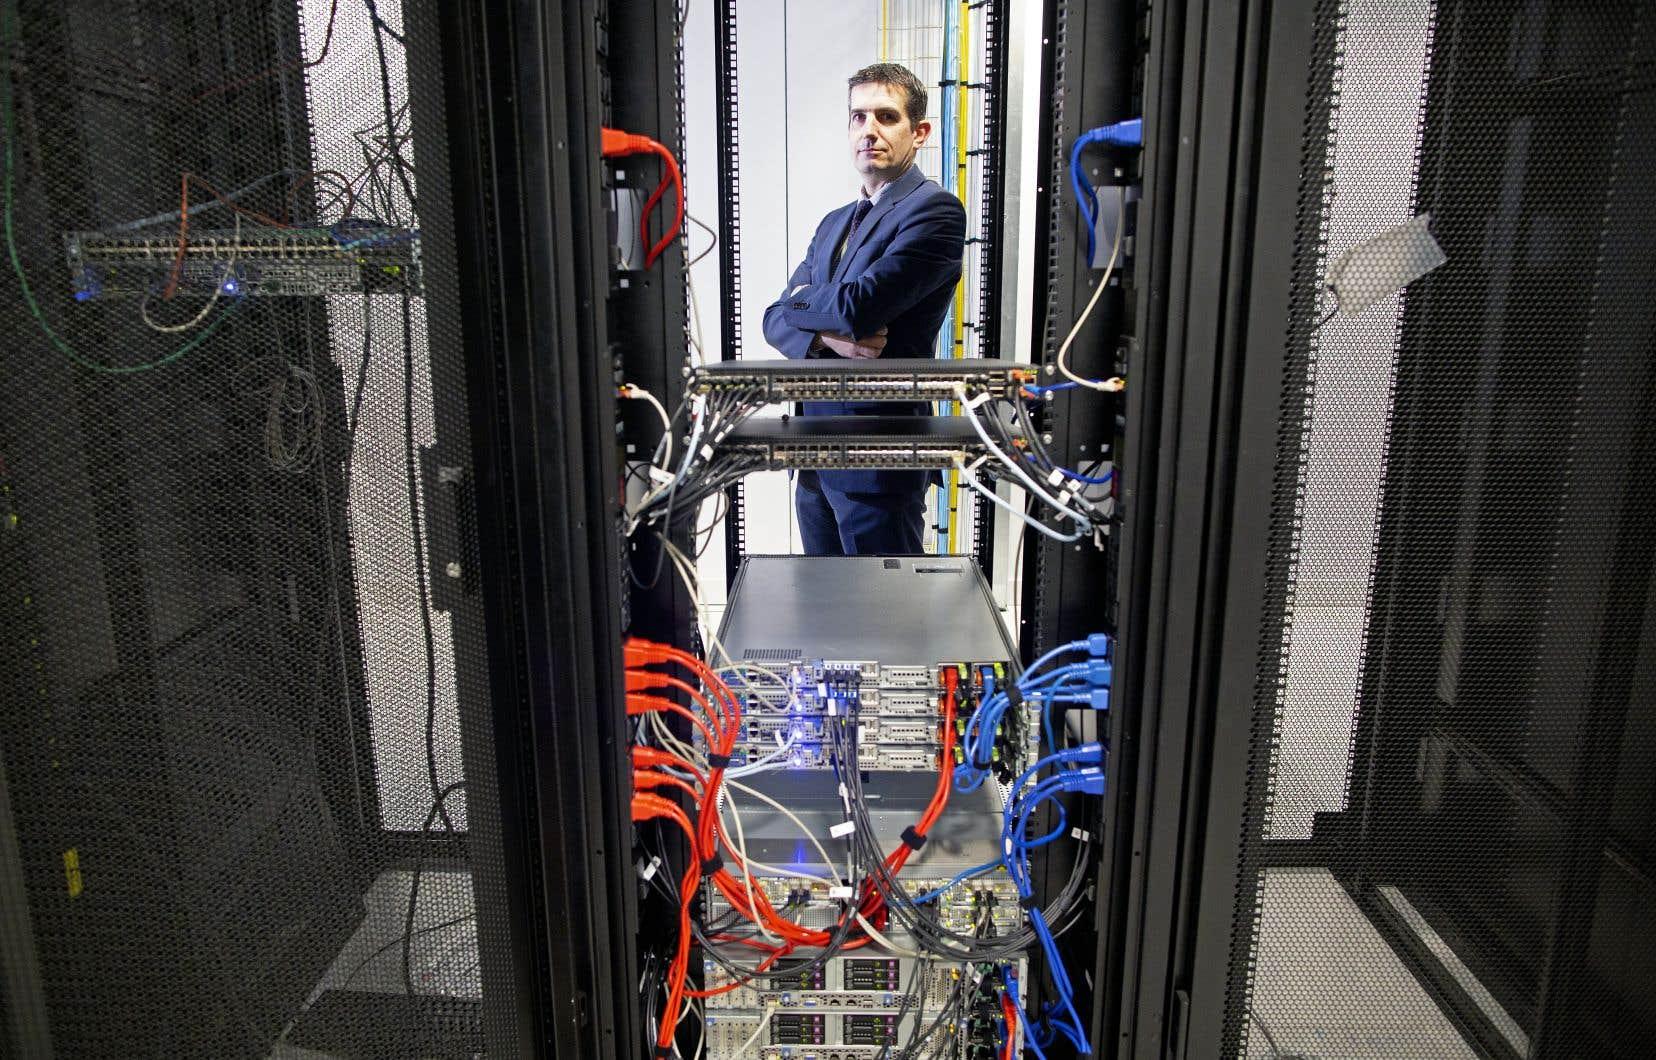 Brian Roe est le directeur commercial de Servecentric, un des 48 centres d'hébergement de données installés sur le sol irlandais.